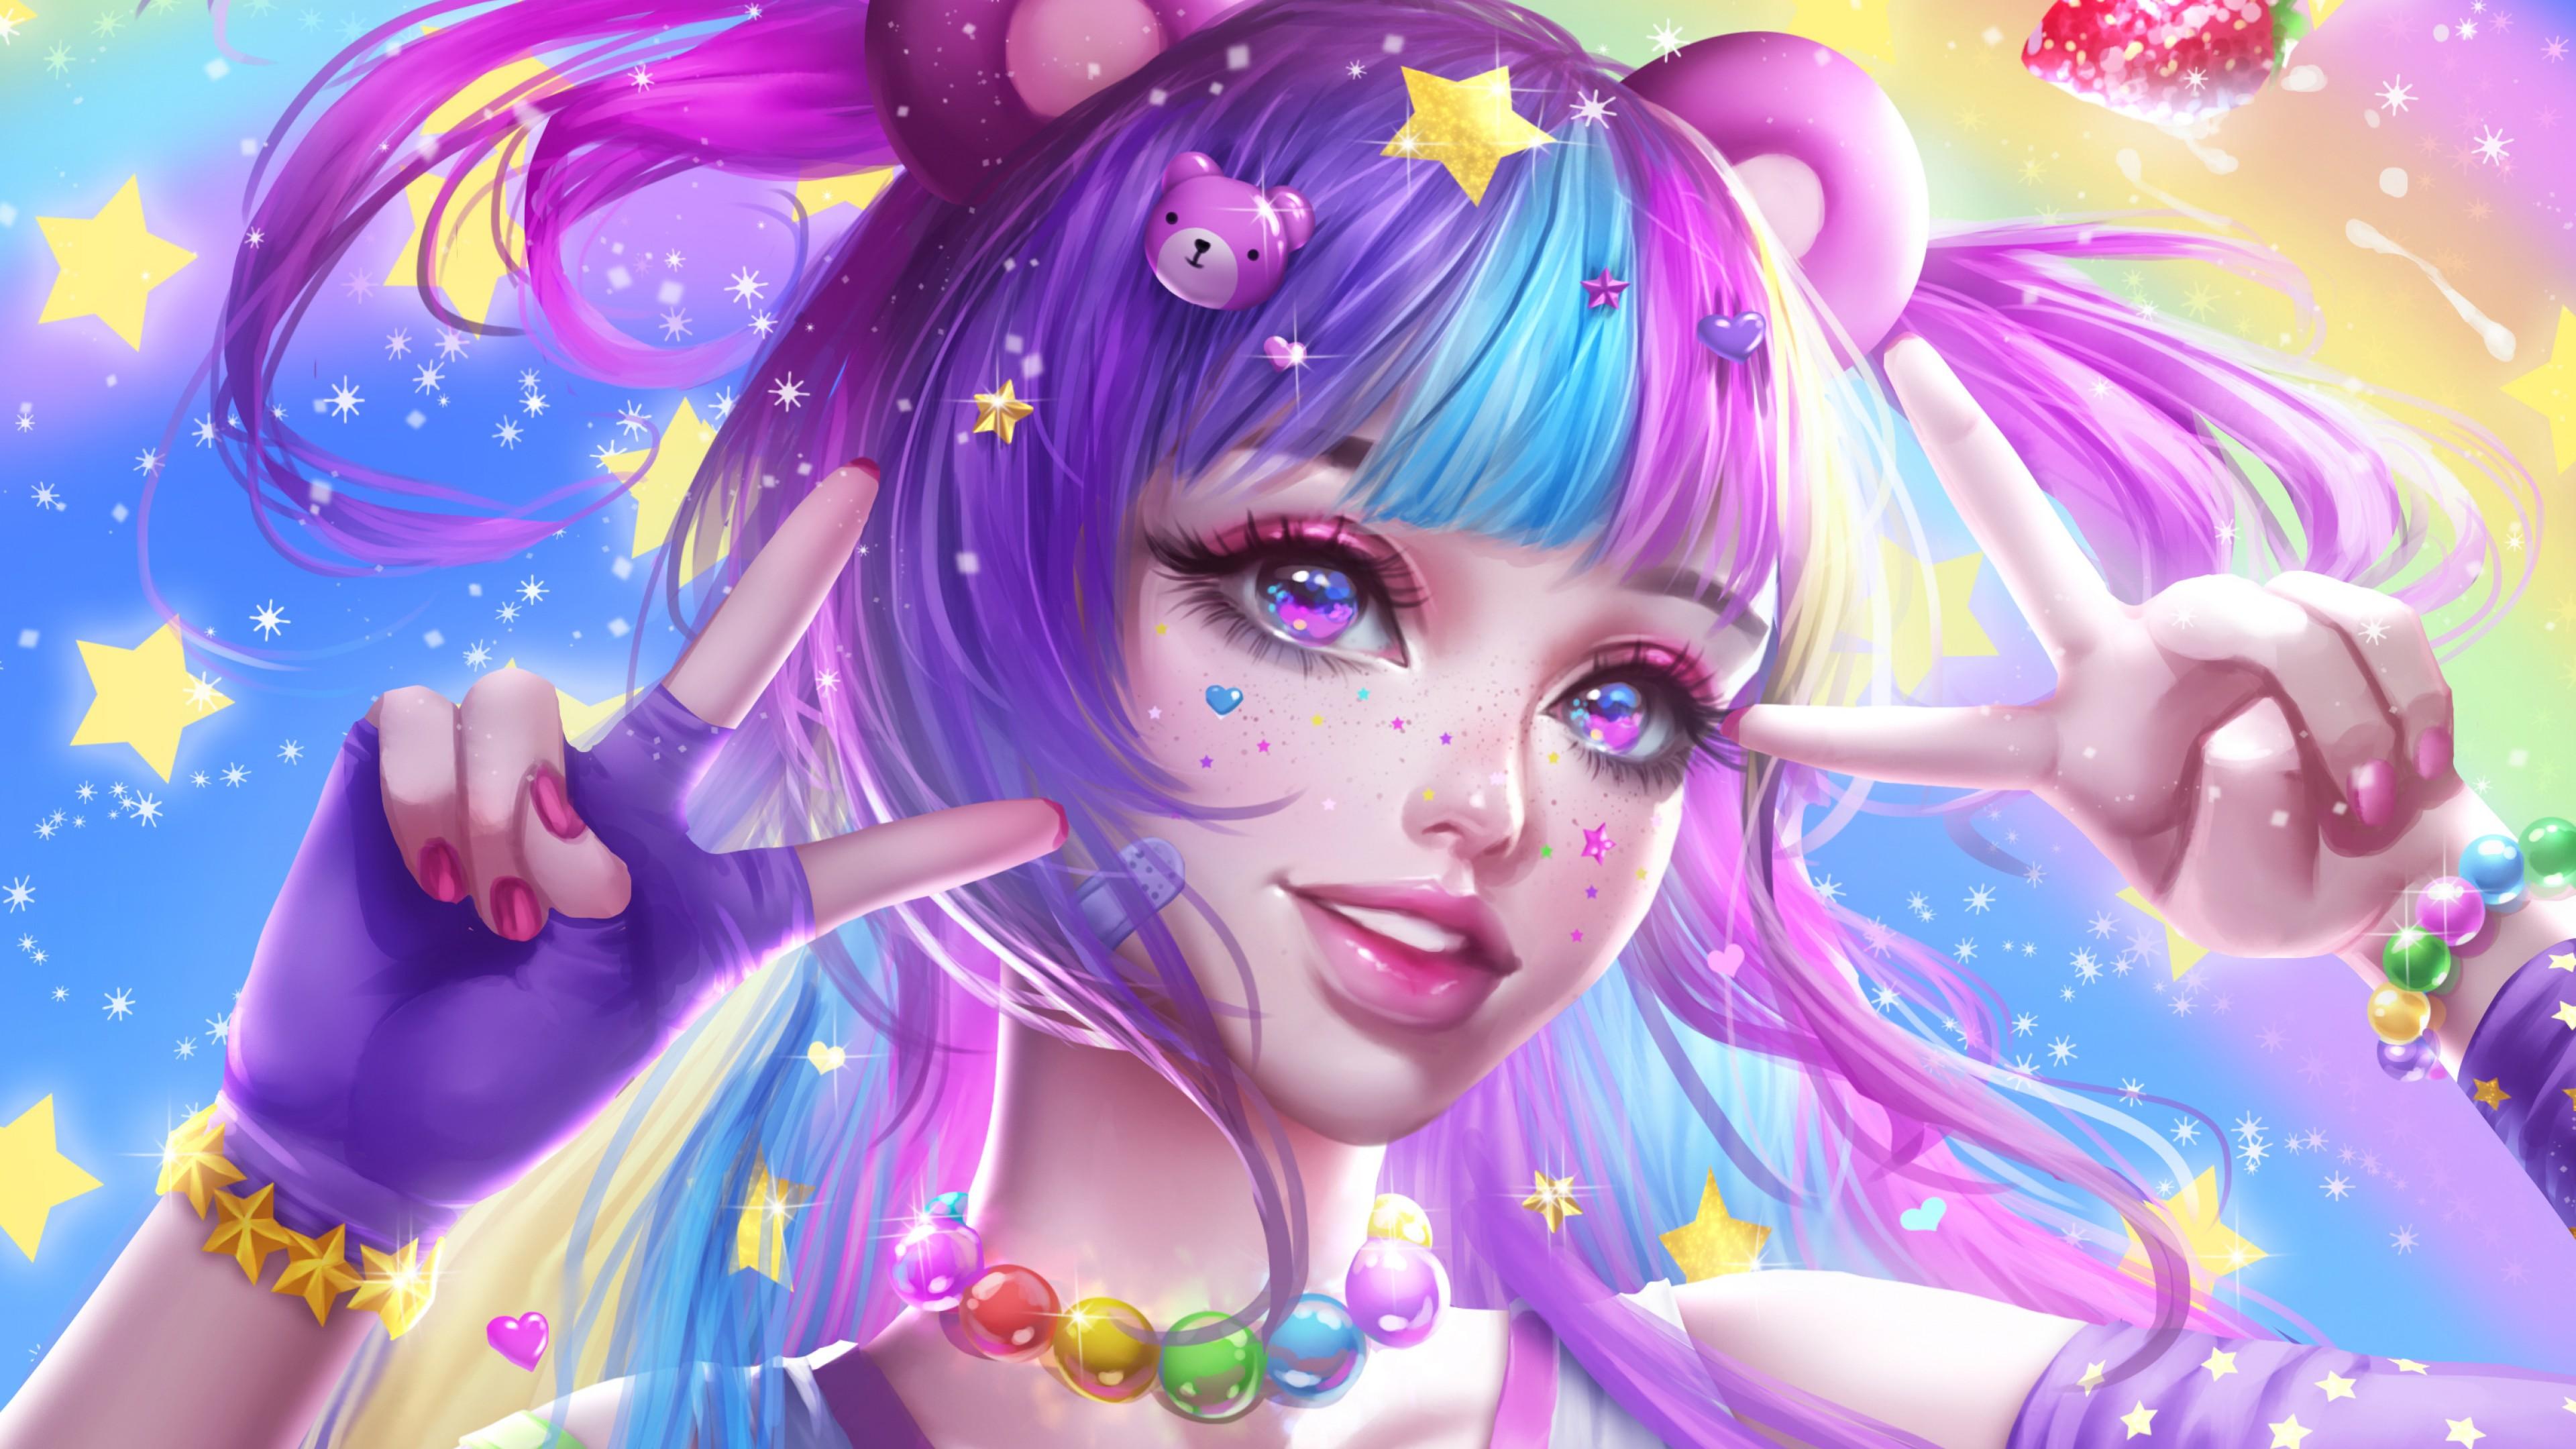 Девочка с цветными волосами и выразительными глазами